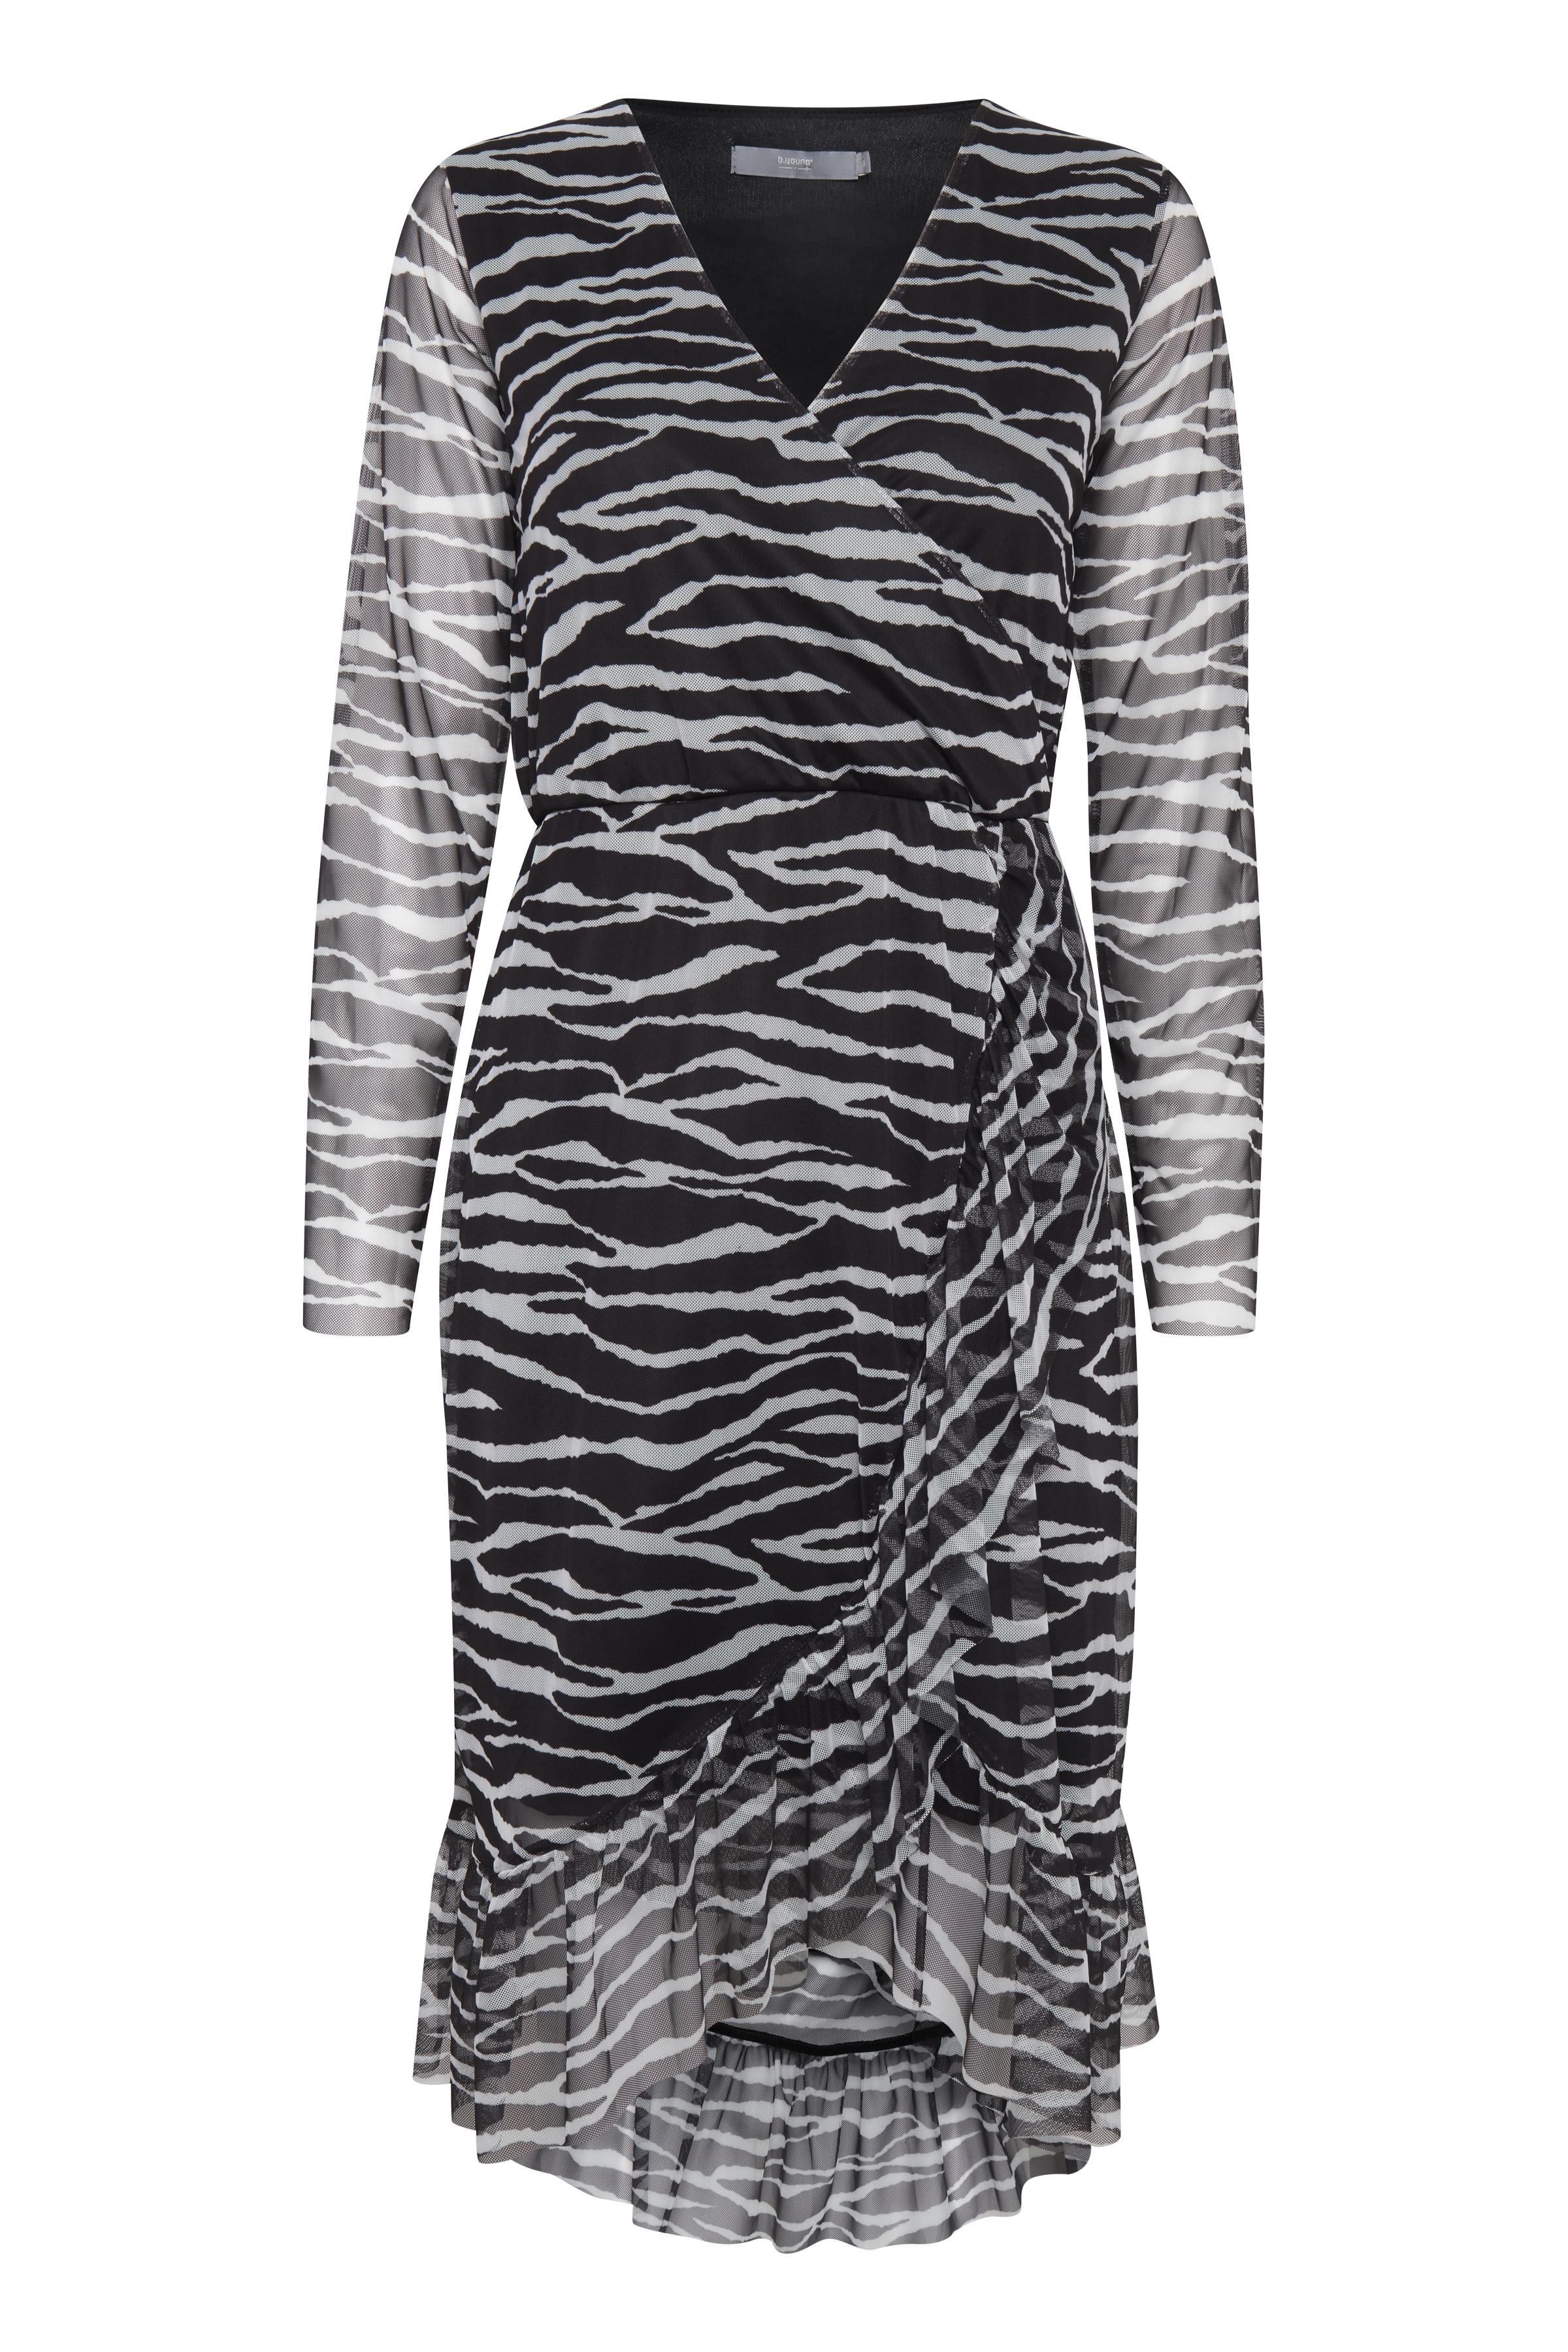 Zebra combi 1 Jerseykjole fra b.young – Køb Zebra combi 1 Jerseykjole fra str. XS-XL her